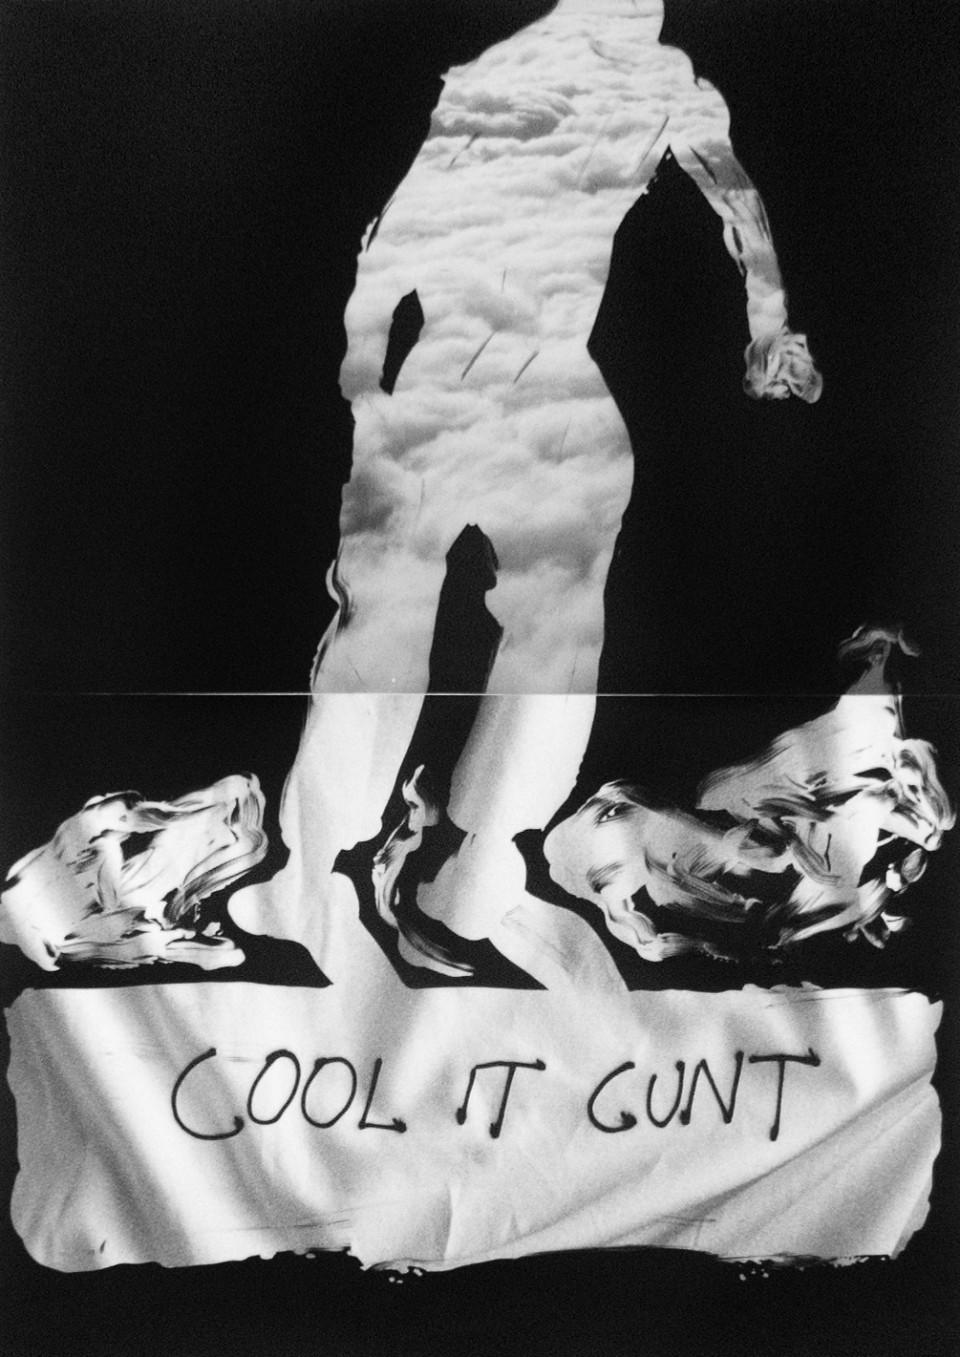 Benjamin Lichtenstein, Cool it cunt , 2015, unique state silver gelatin prints, 59.5 x 42cm